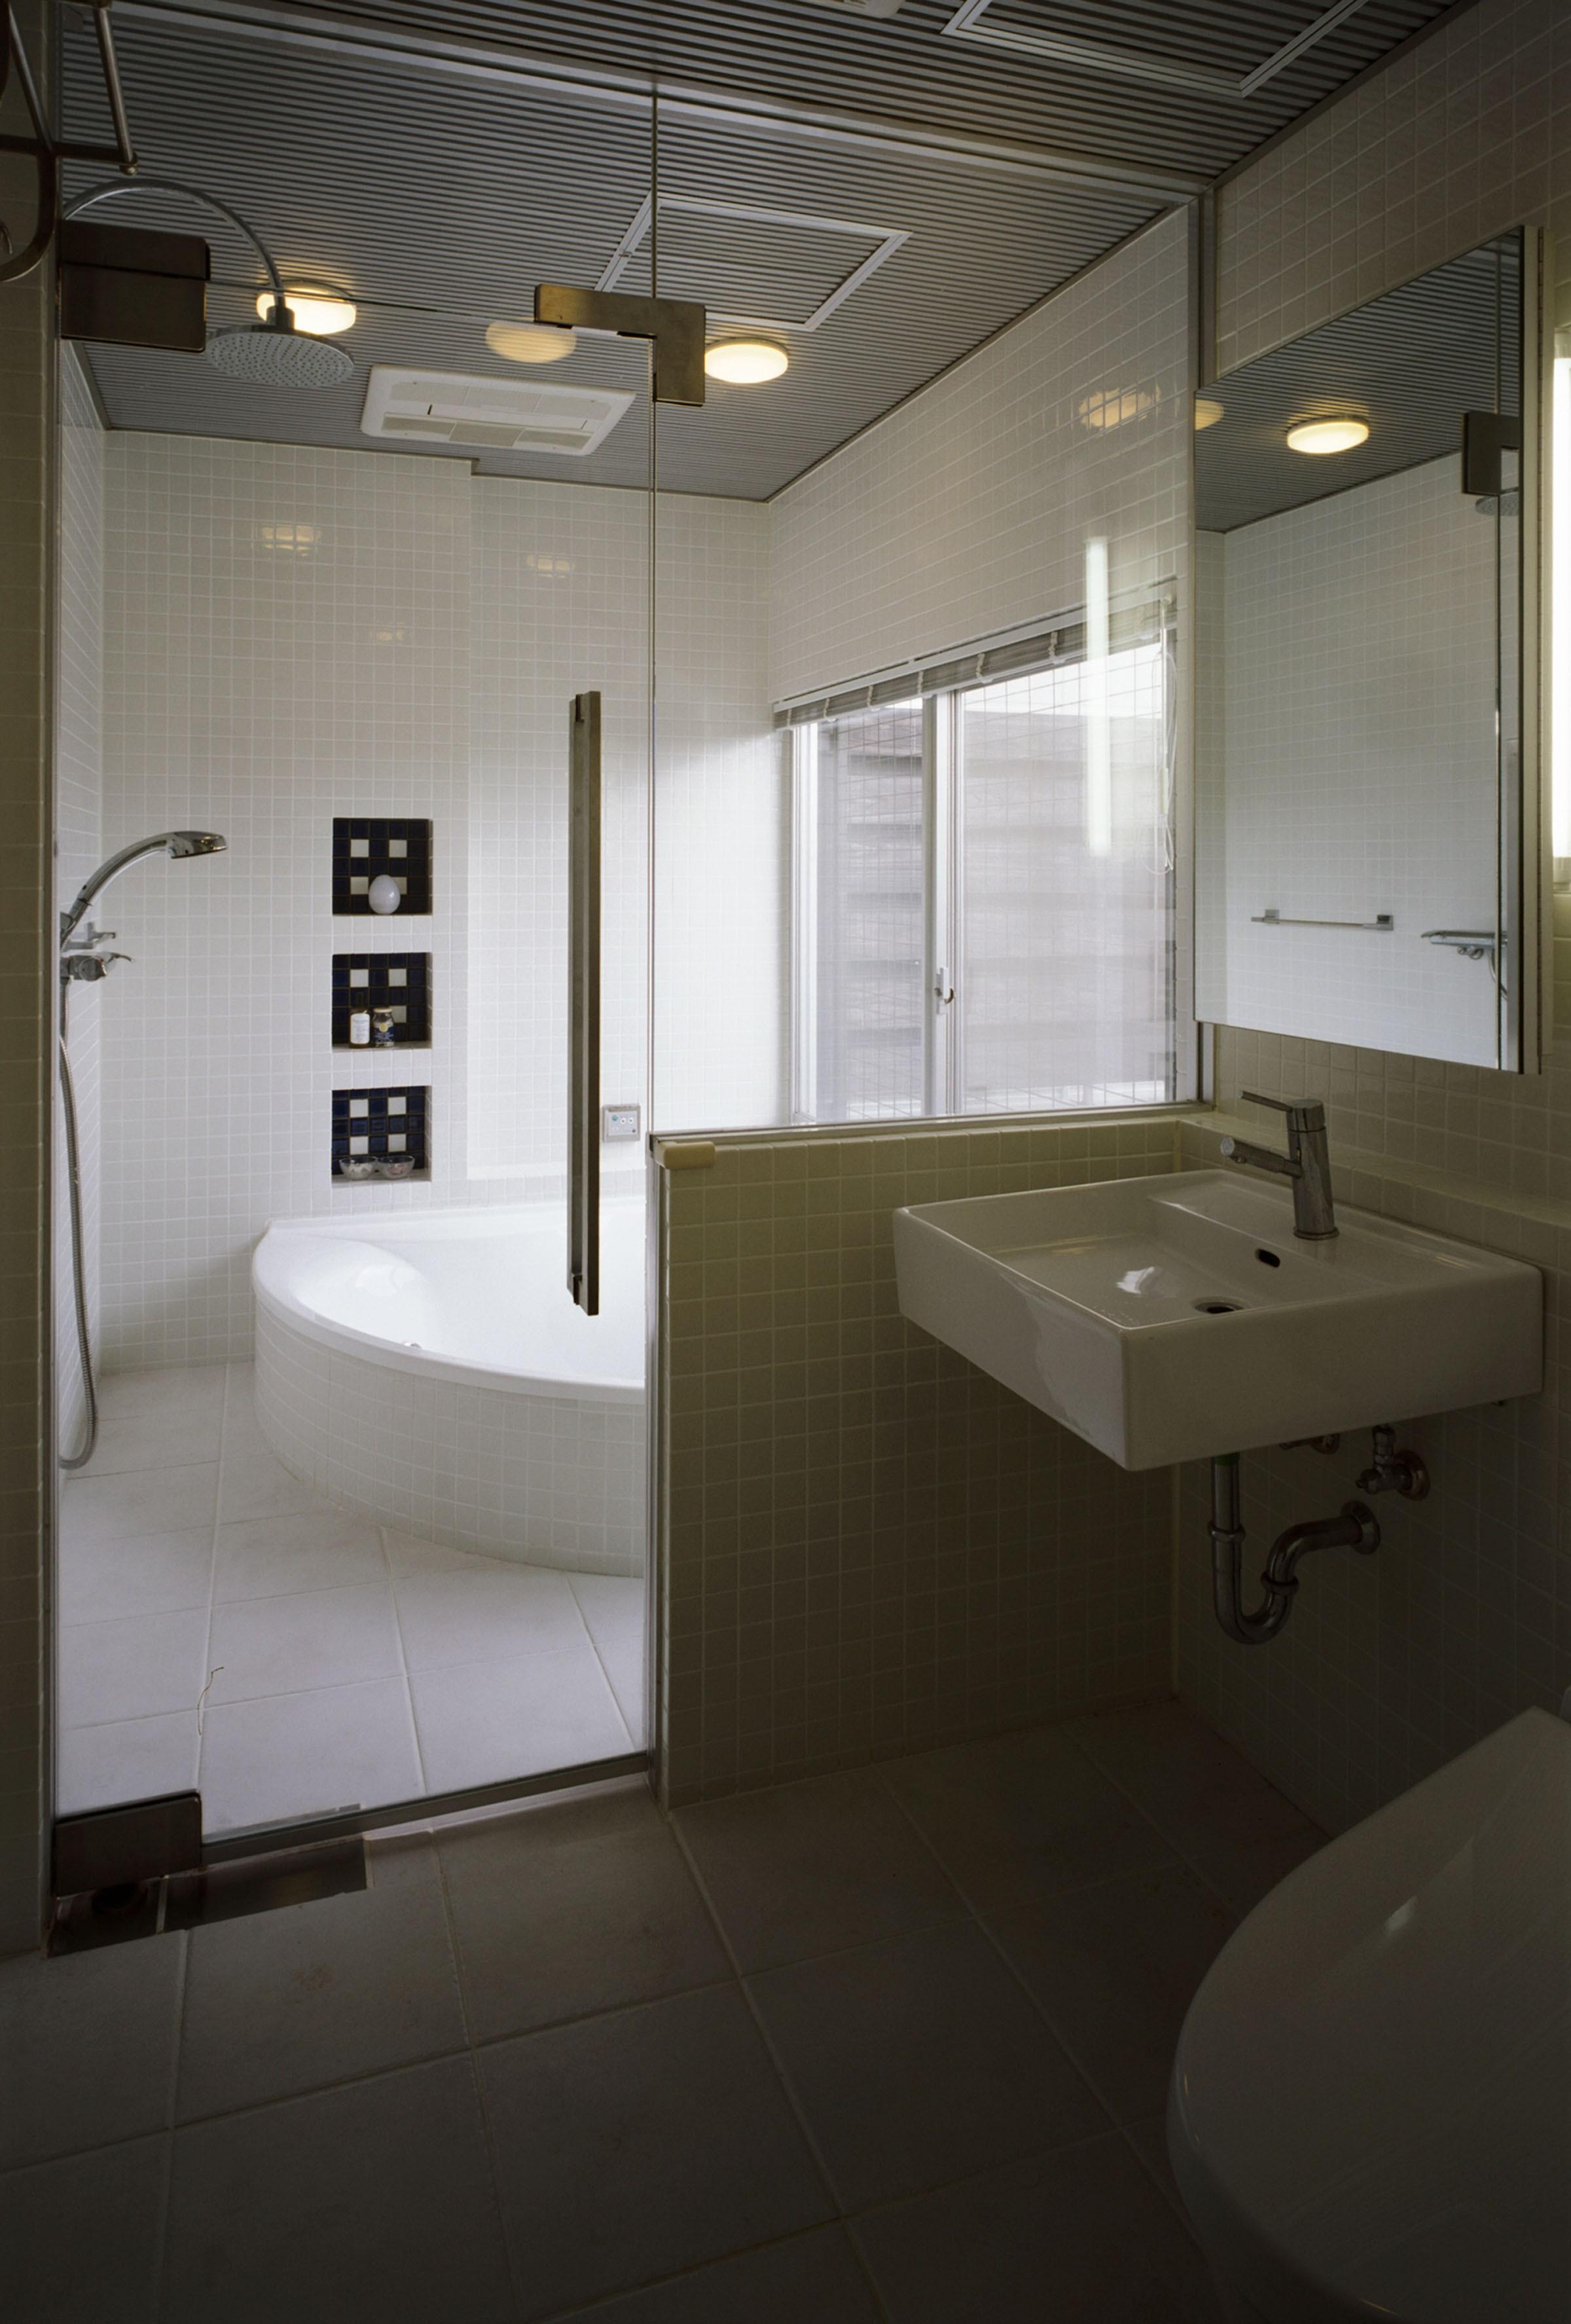 バス/トイレ事例:洗面とバスルーム(サロンのある家 ー汚れても、古くなっても、可愛いおうち。オランダのアパートメントのような家ー)